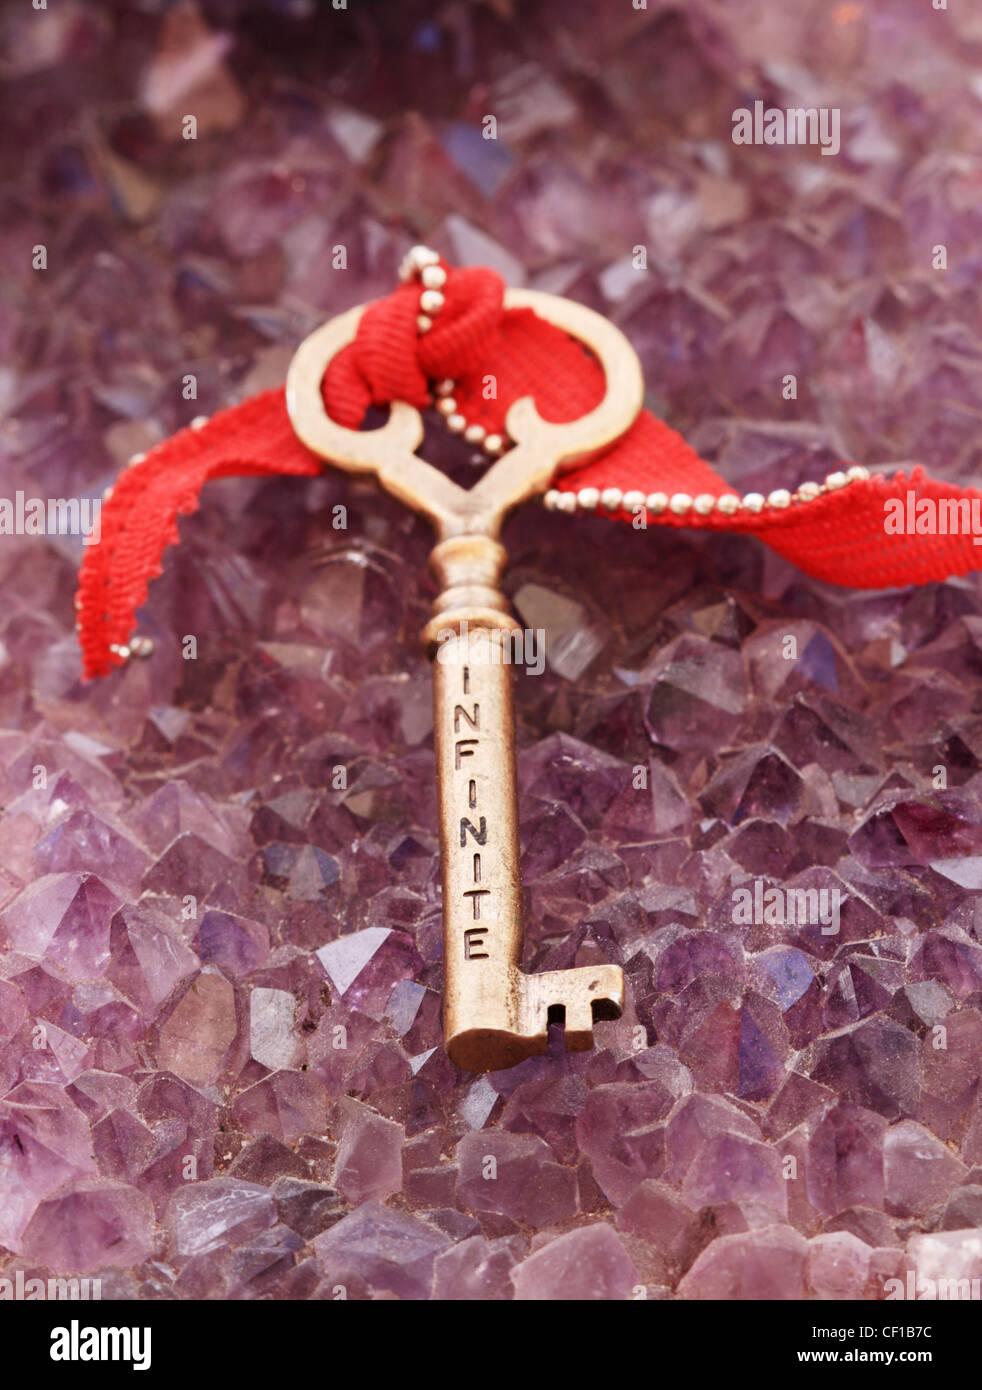 Infinito escrito en una clave antigua de bronce sentado en cristales de amatista Foto de stock